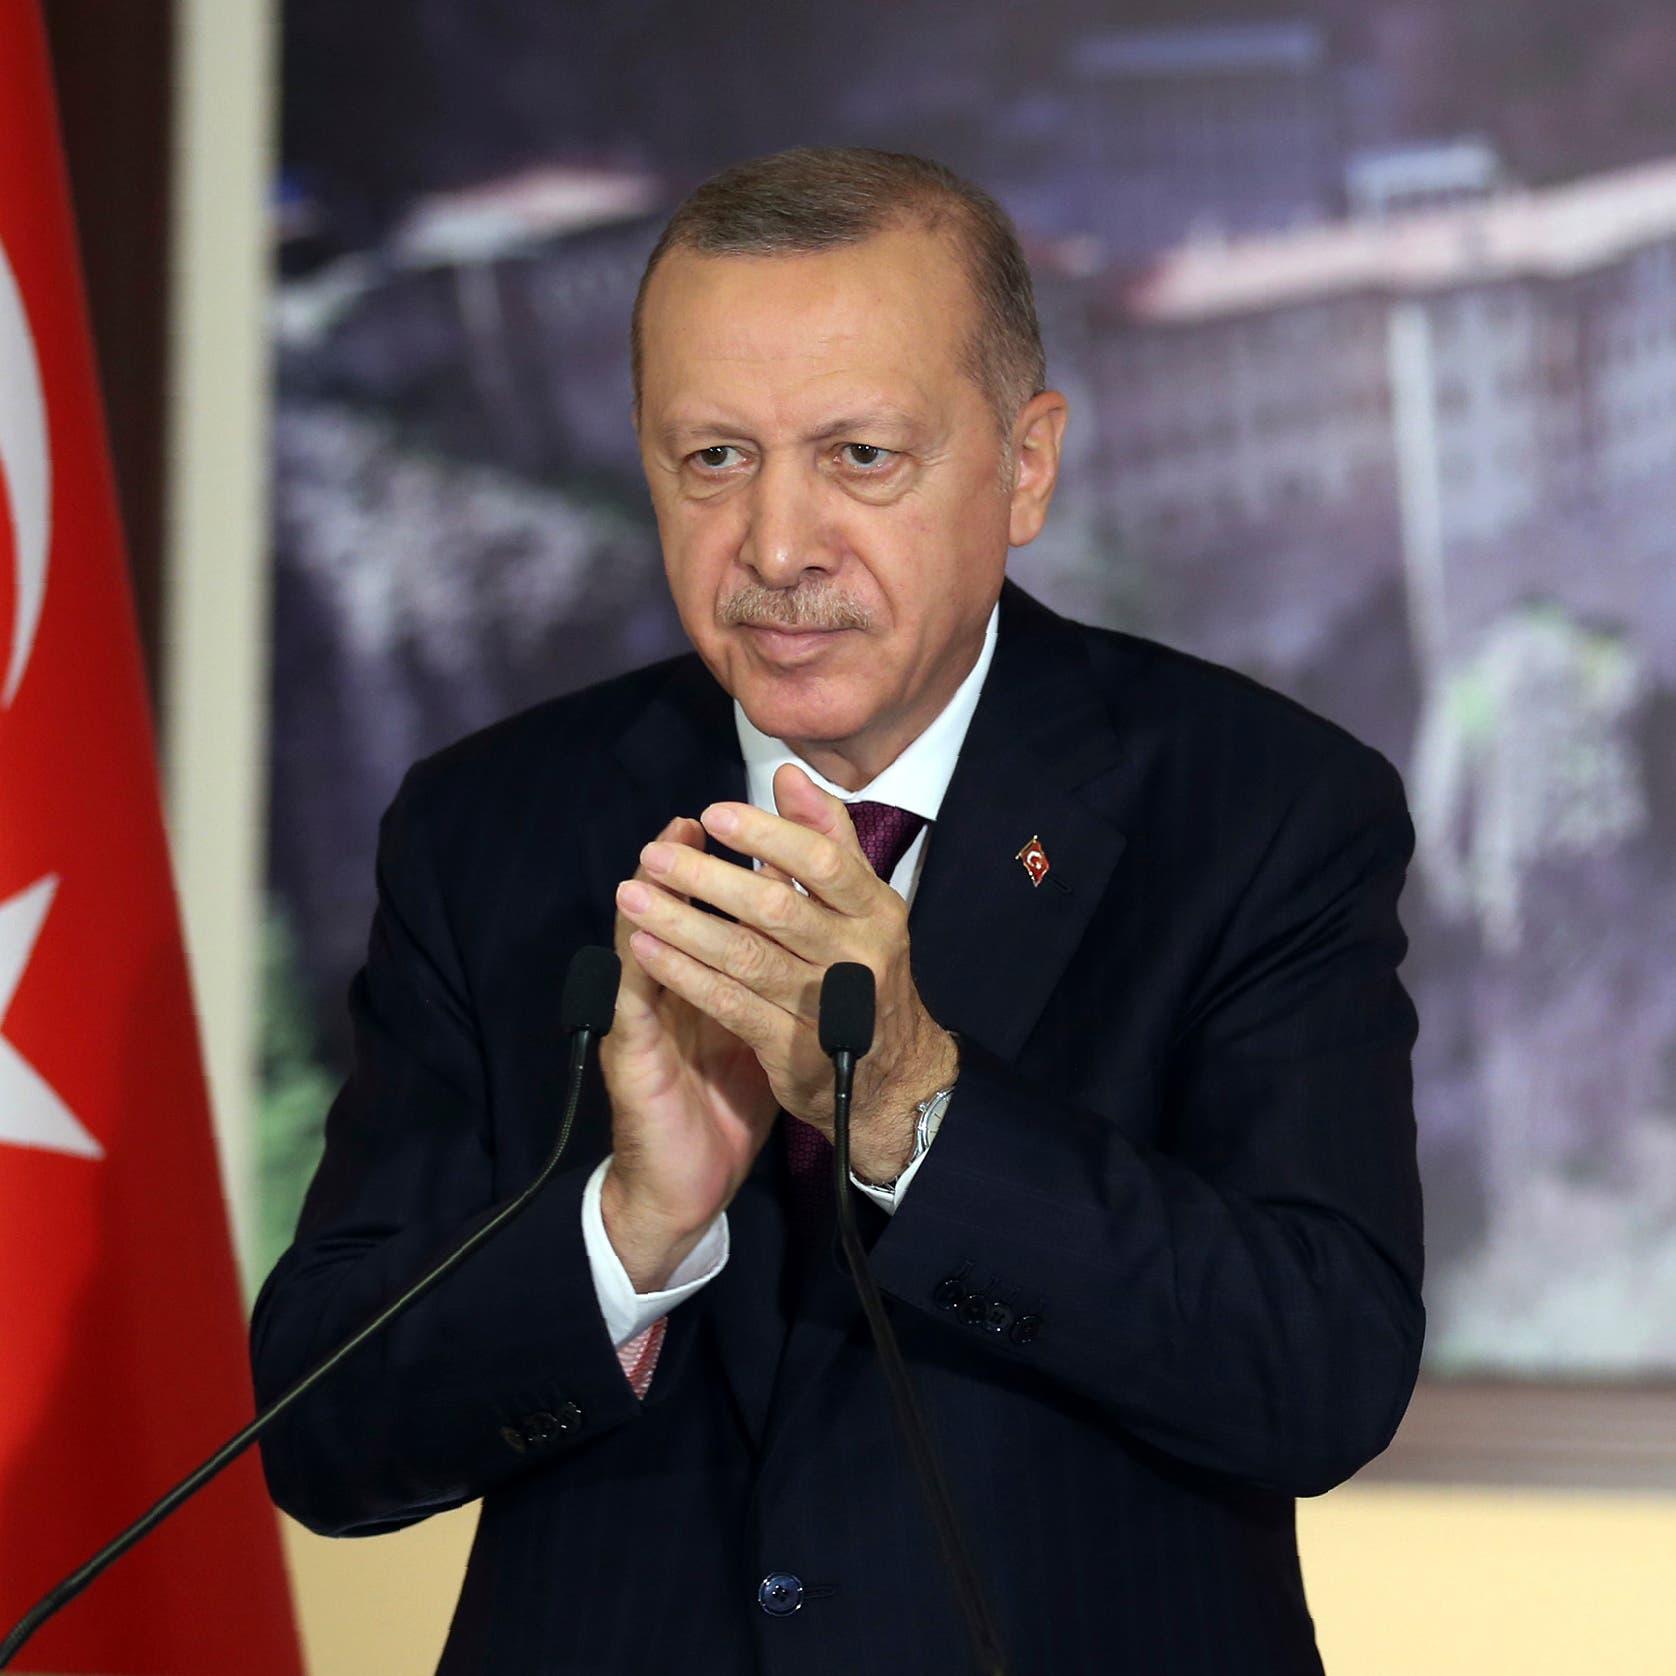 أردوغان يدعو للحوار بعد تصعيد اليونان وفرنسا في المتوسط